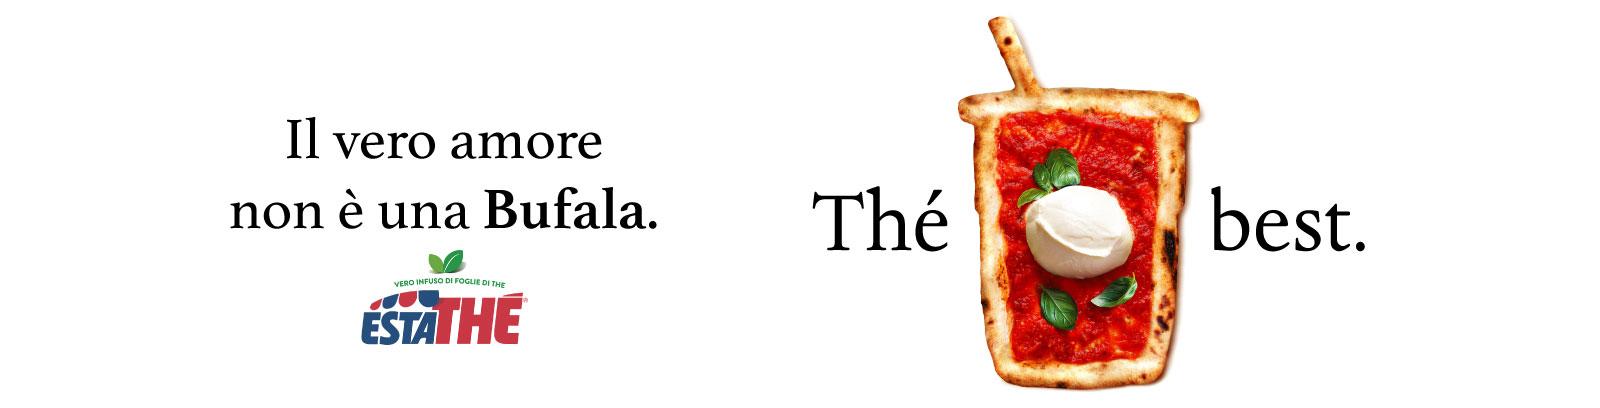 TheBest-Header-Bufala